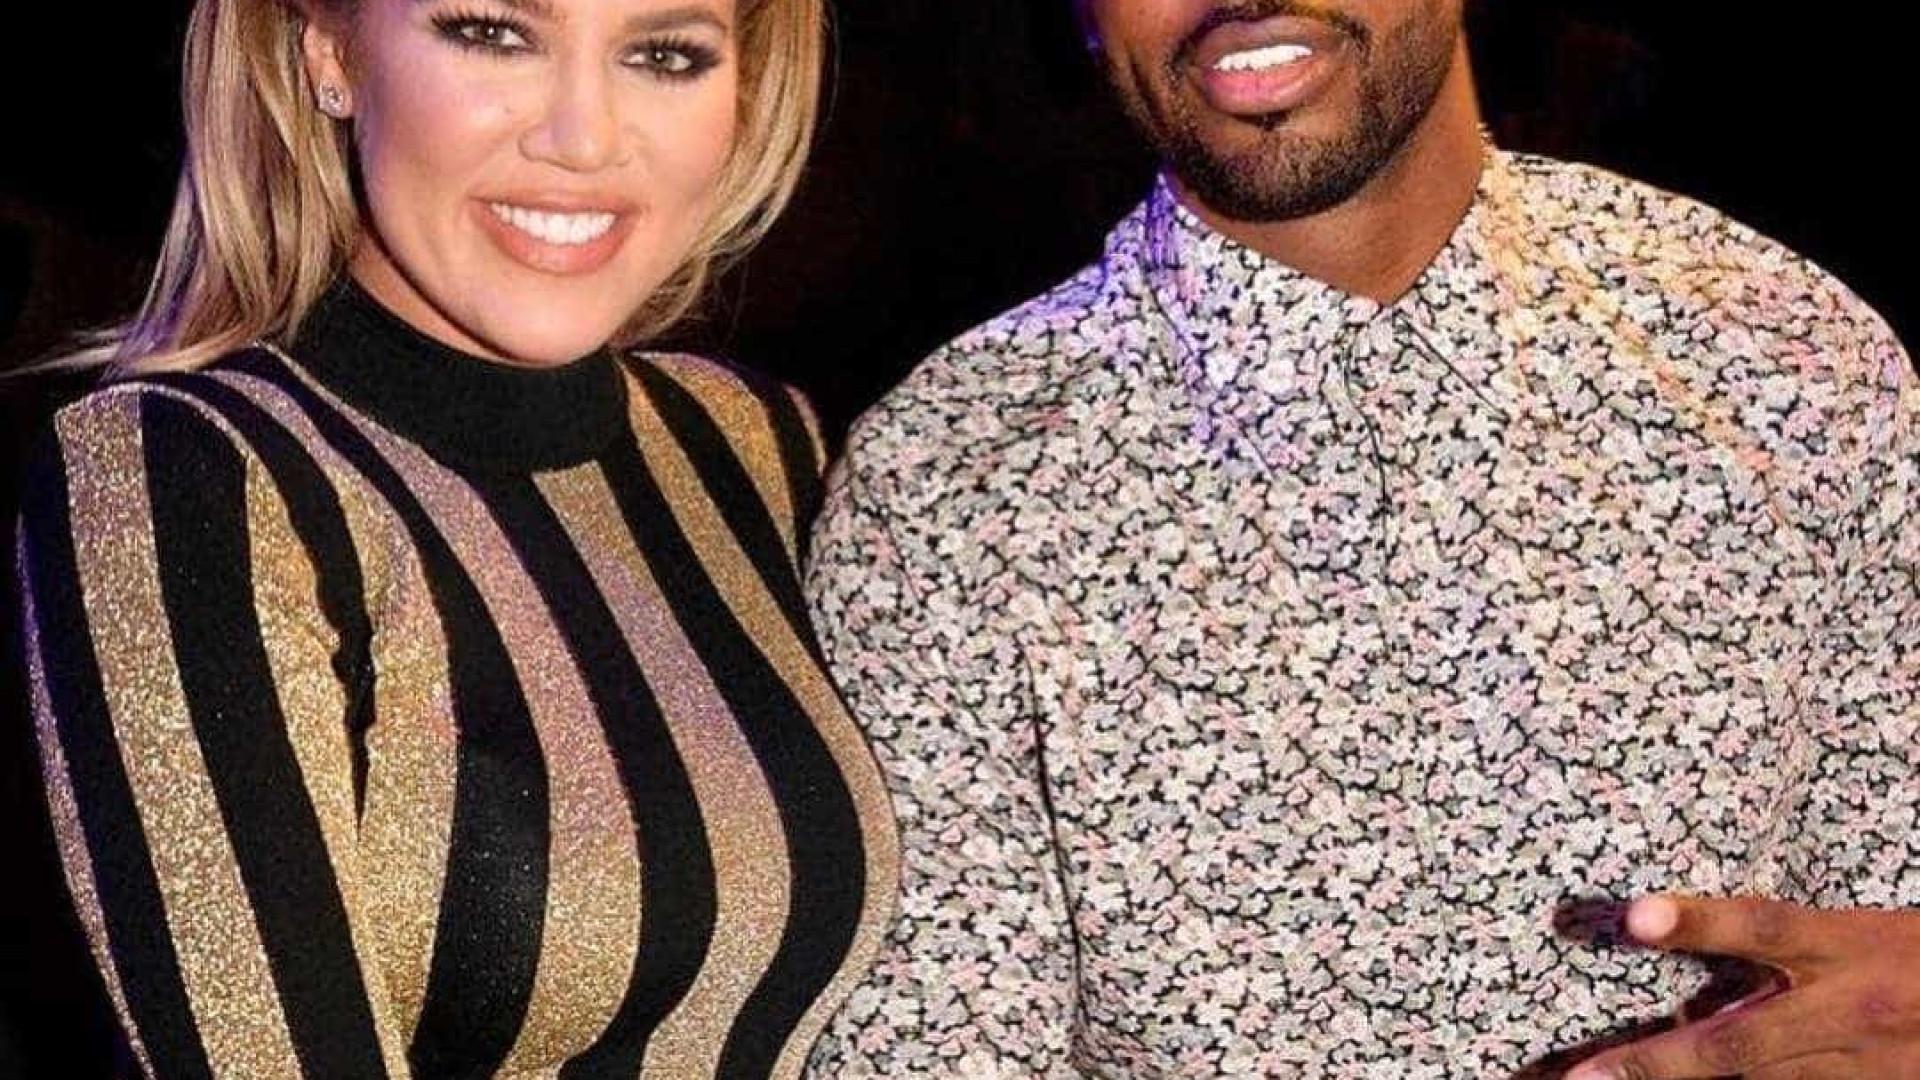 Traições? Parece que namorado de Khloé Kardashian não aprendeu a lição